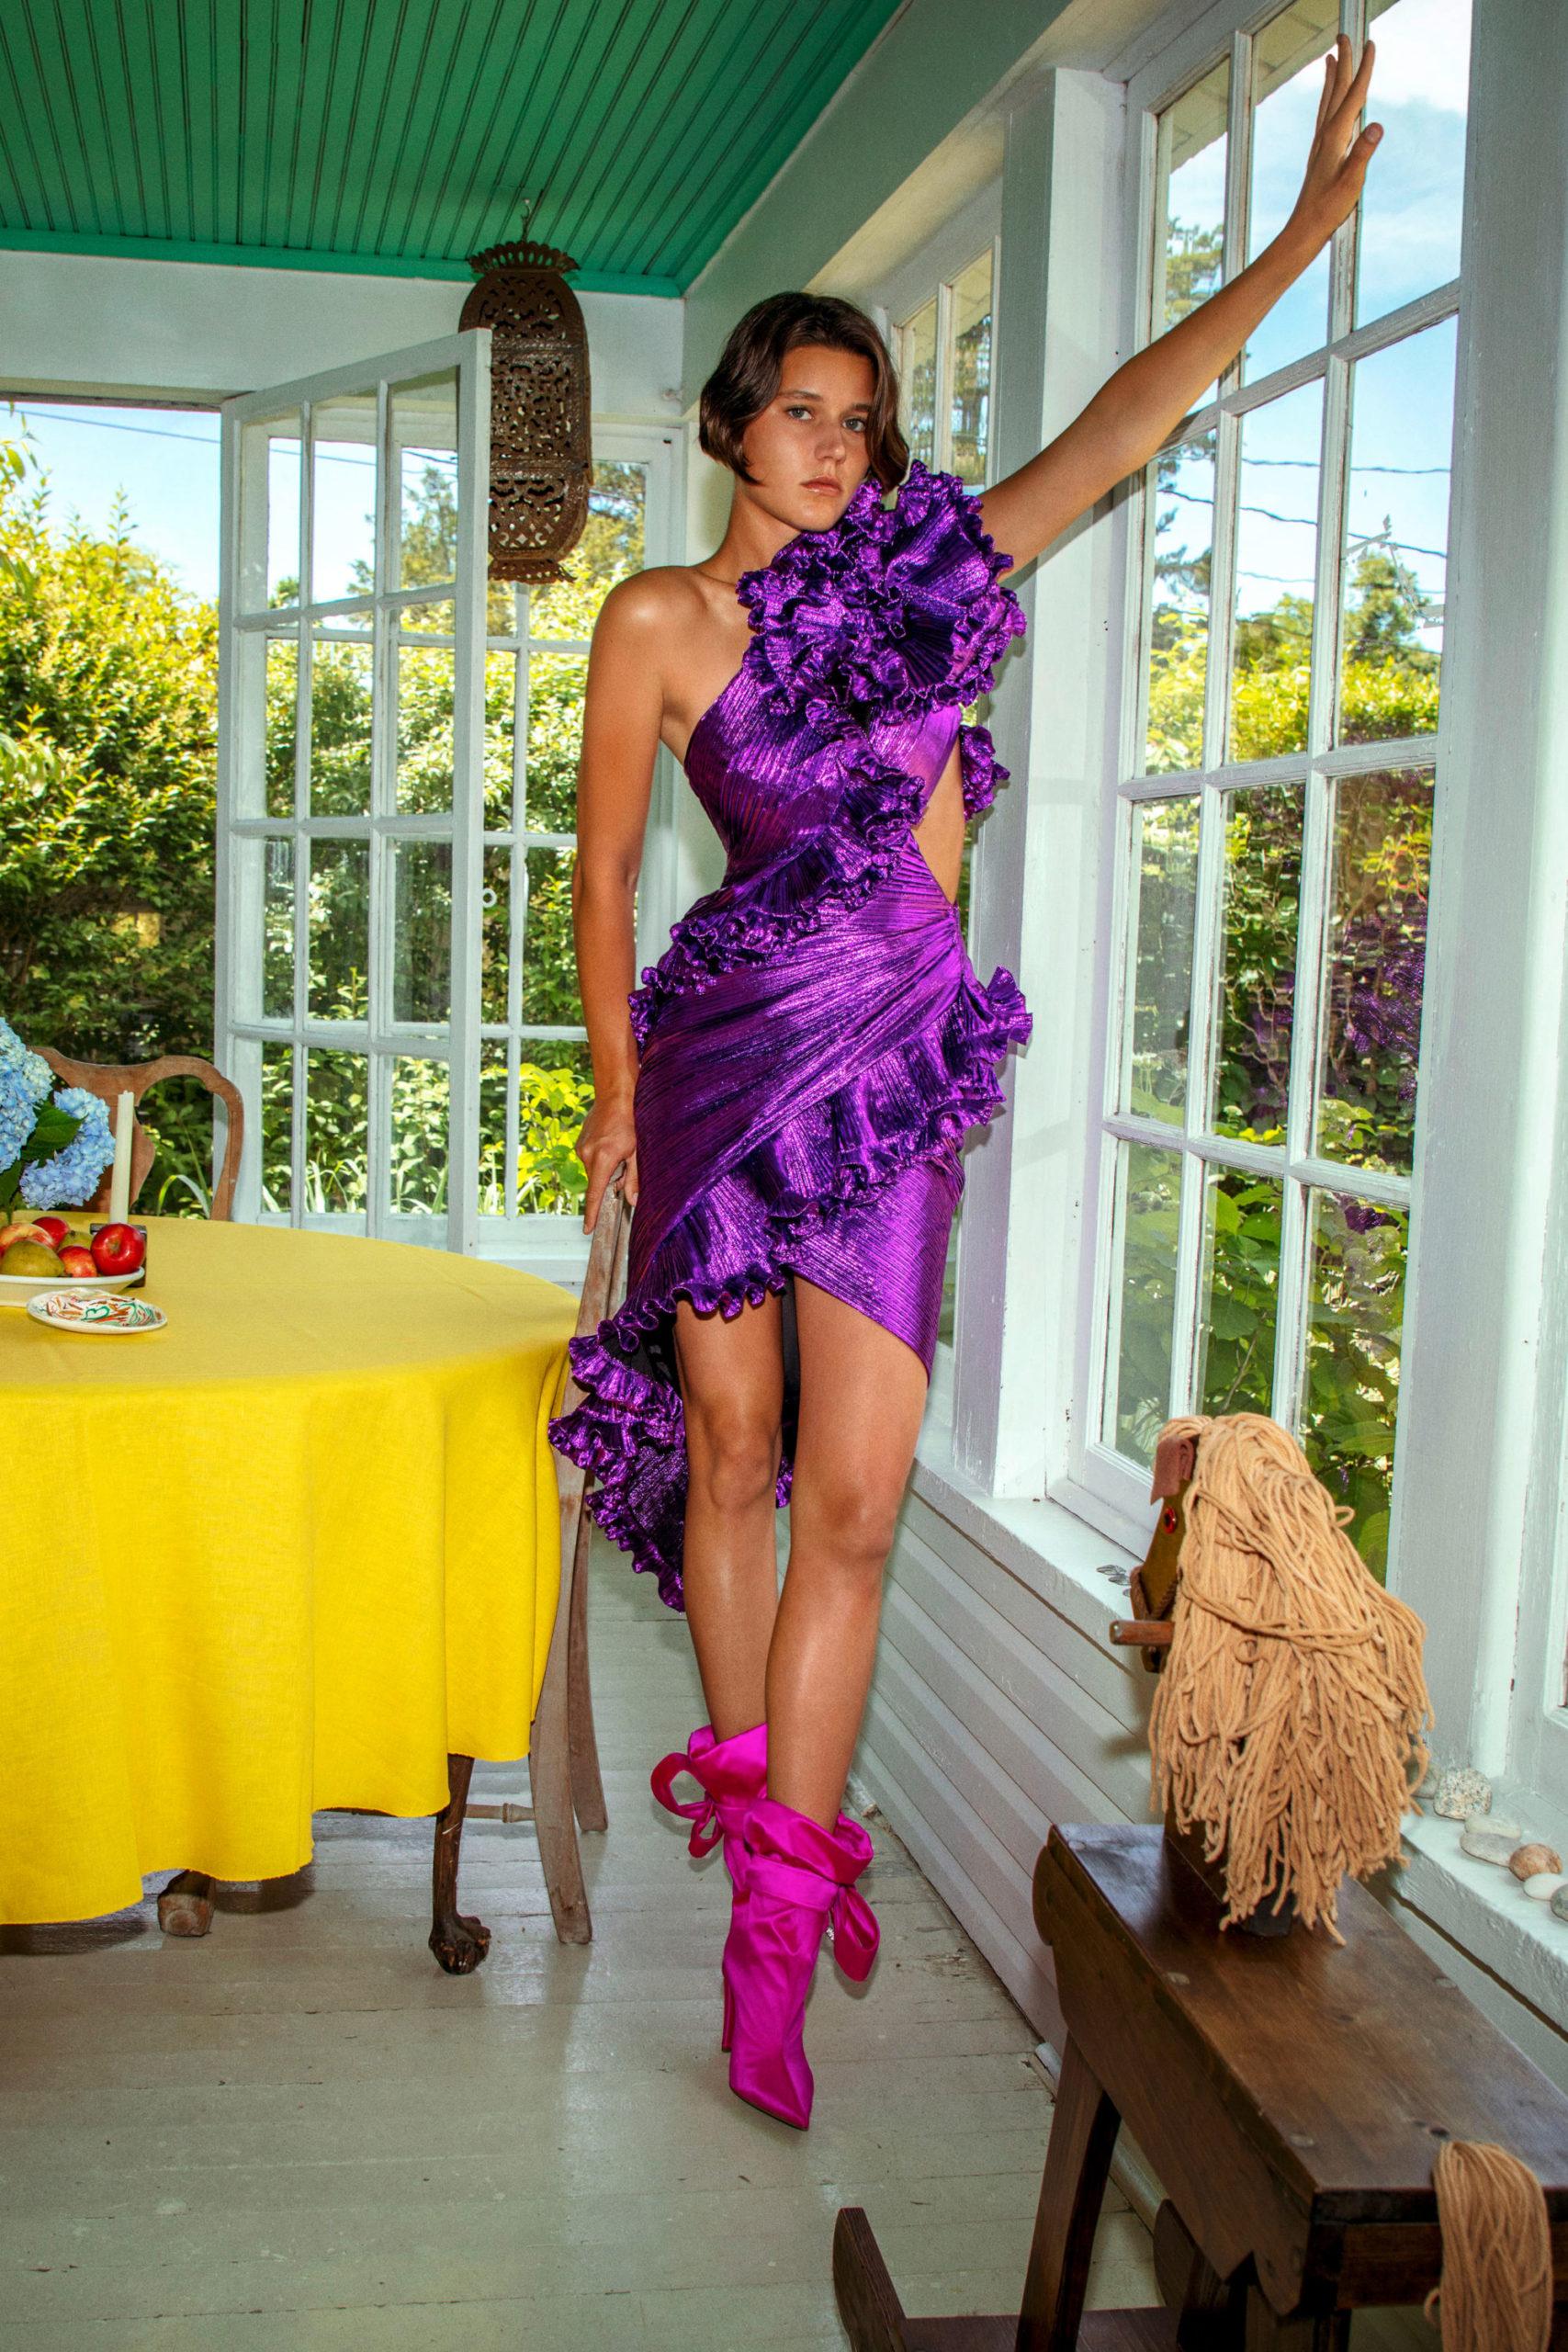 Платье с вырезом от Alexandre Vauthier модель 2021 года